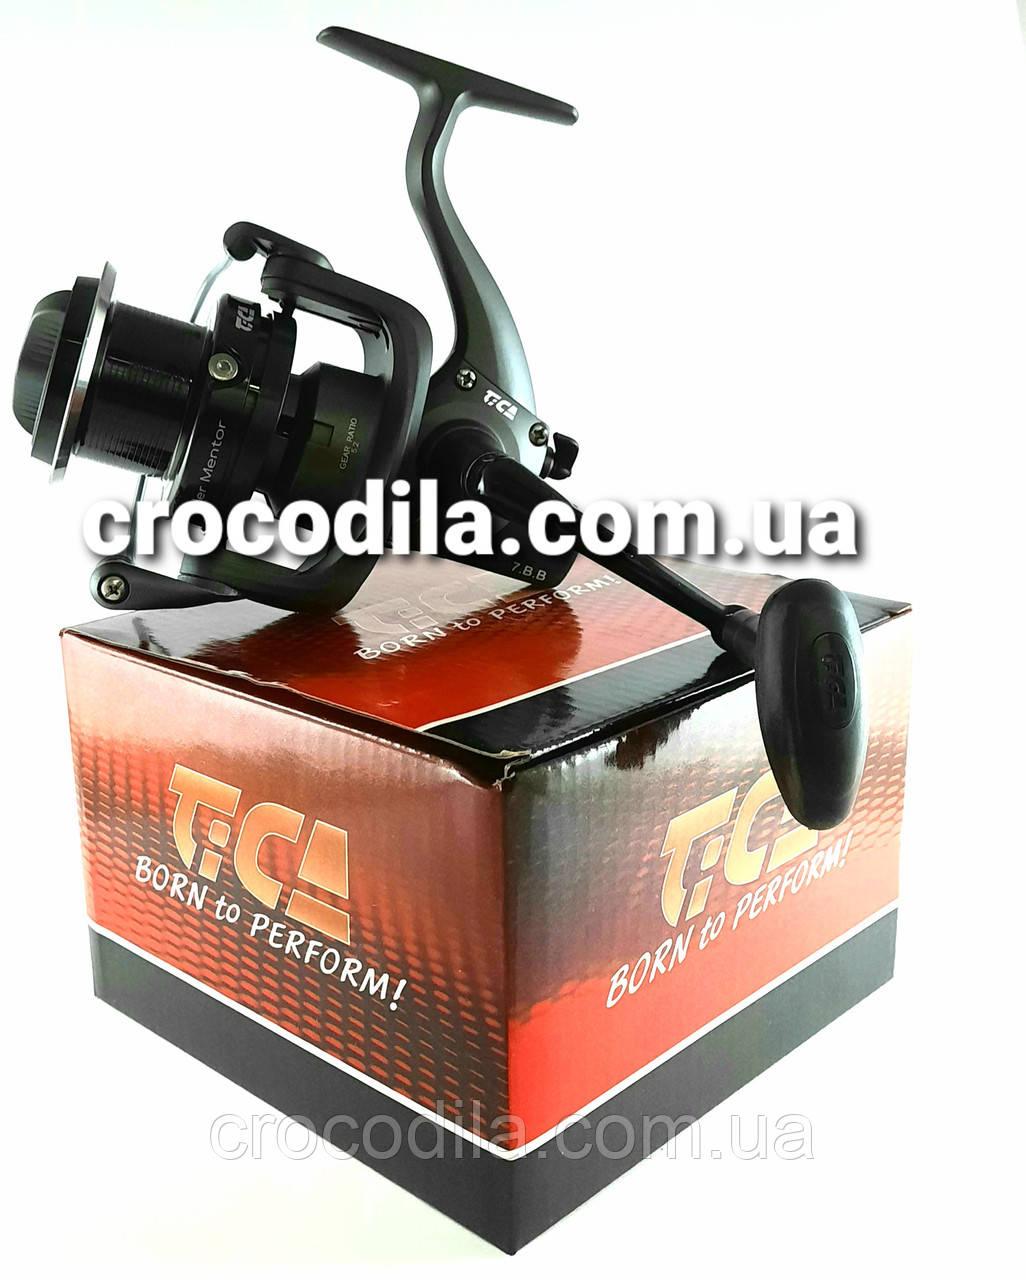 Фидерная катушка Tica Feeder Mentor 5000